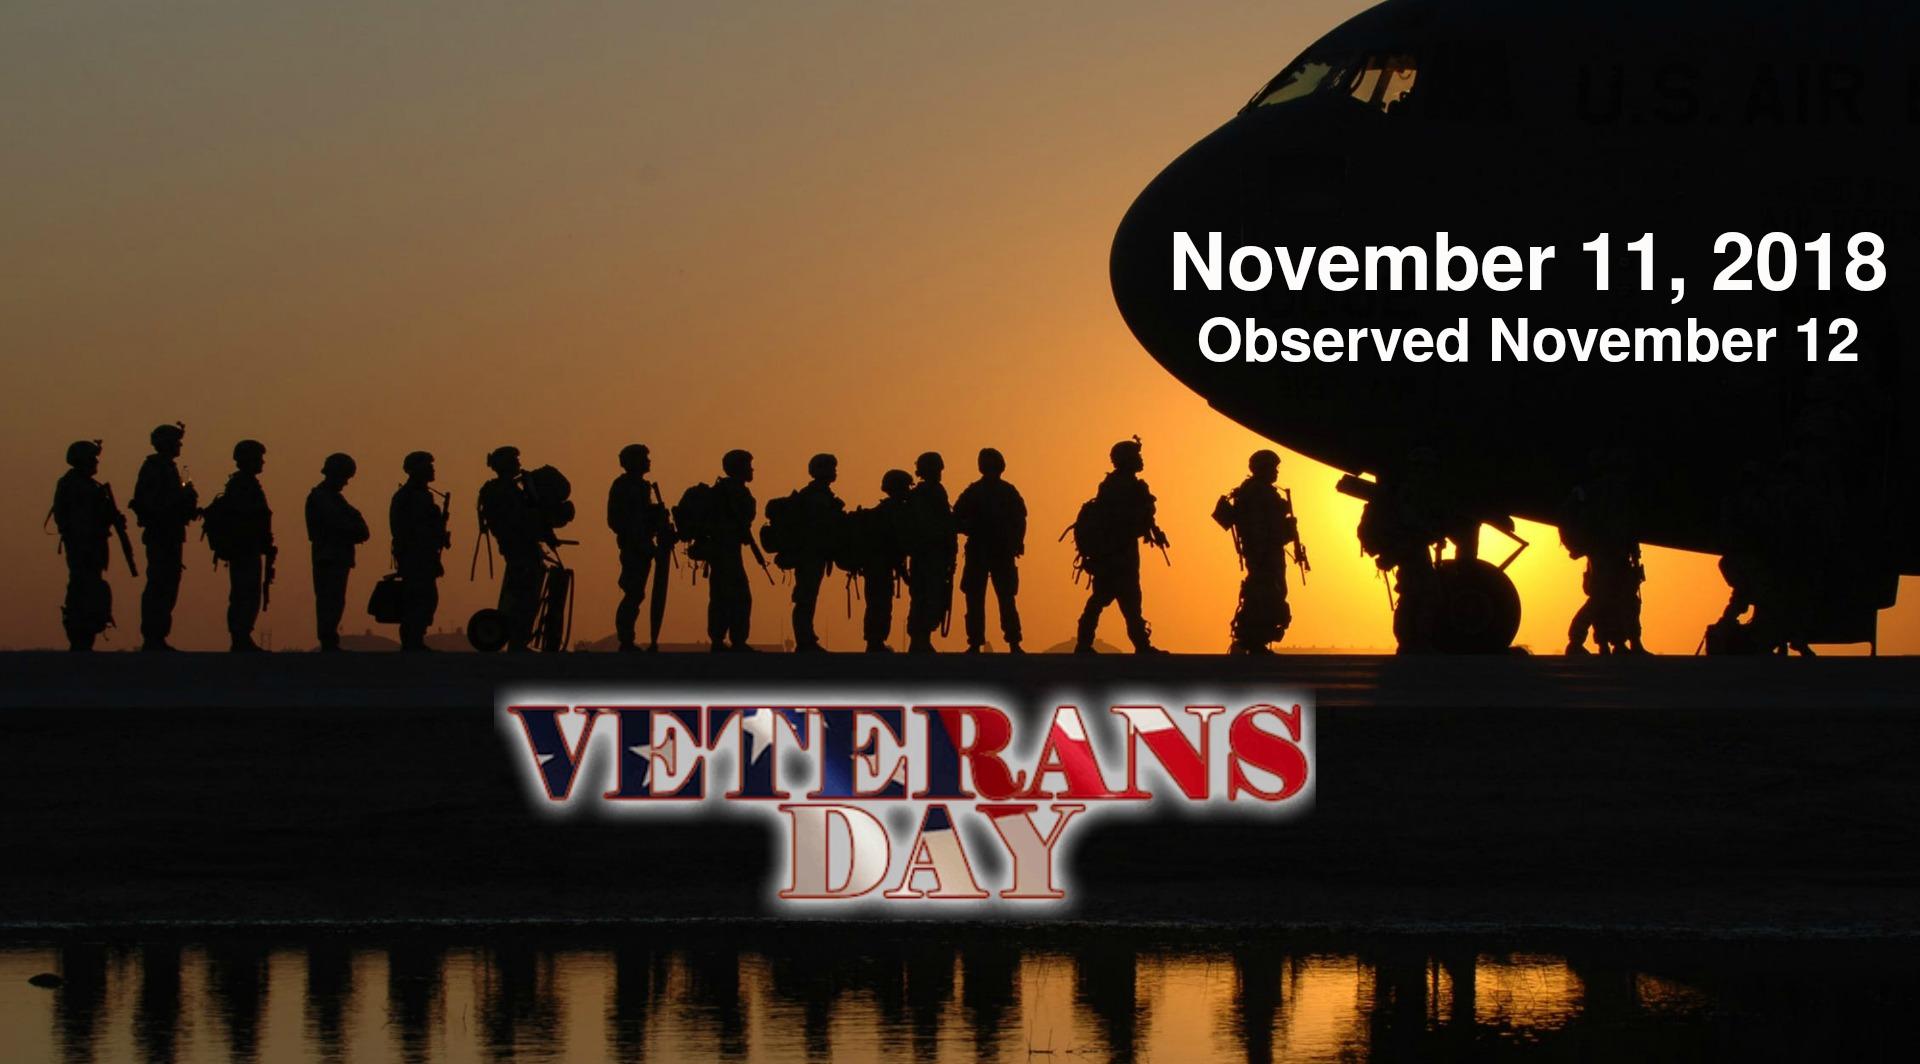 Veterans Day 2018 II